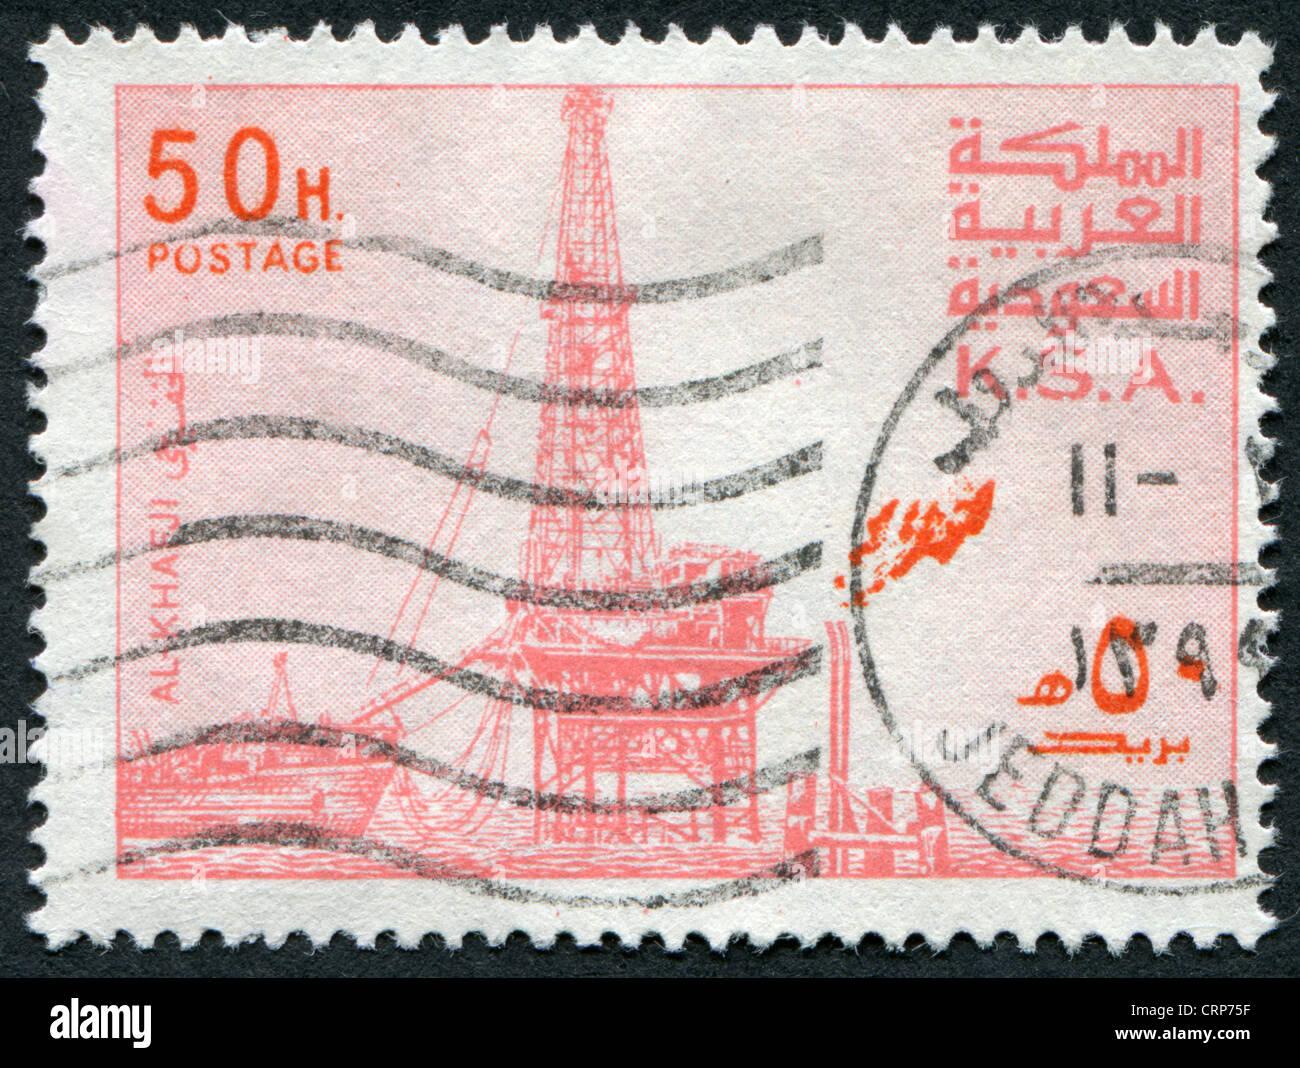 Postage stamps printed in The Kingdom of Saudi Arabia (KSA), shows the oil derrick in Al Khafji, circa 1977 - Stock Image